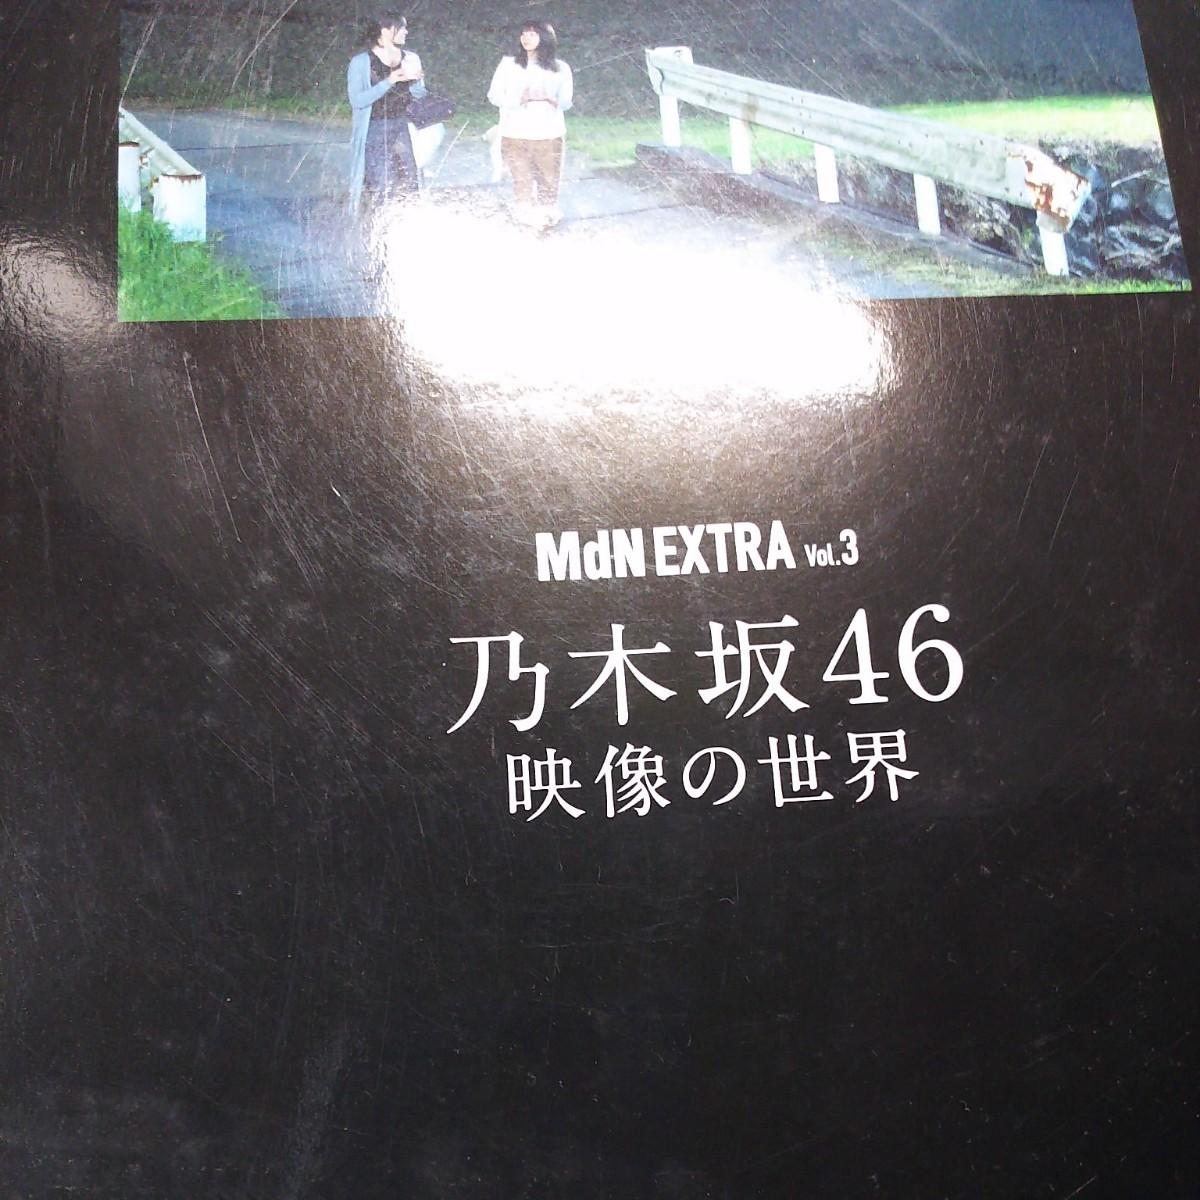 乃木坂46 映像の世界